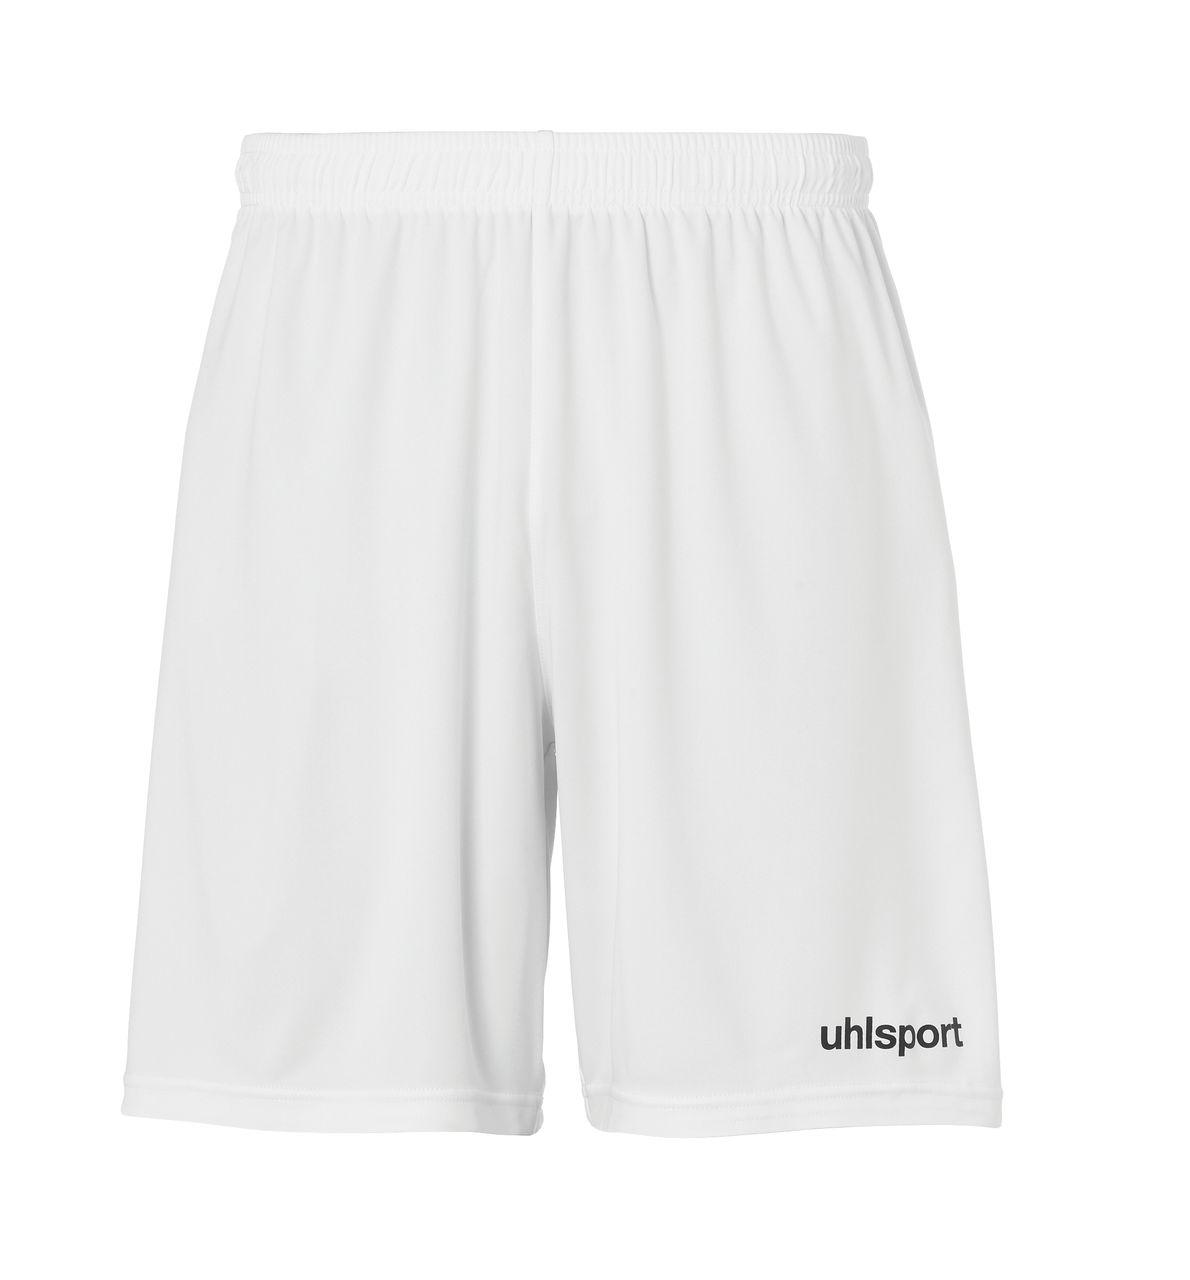 Uhlsport CENTER BASIC shorts without inner slip